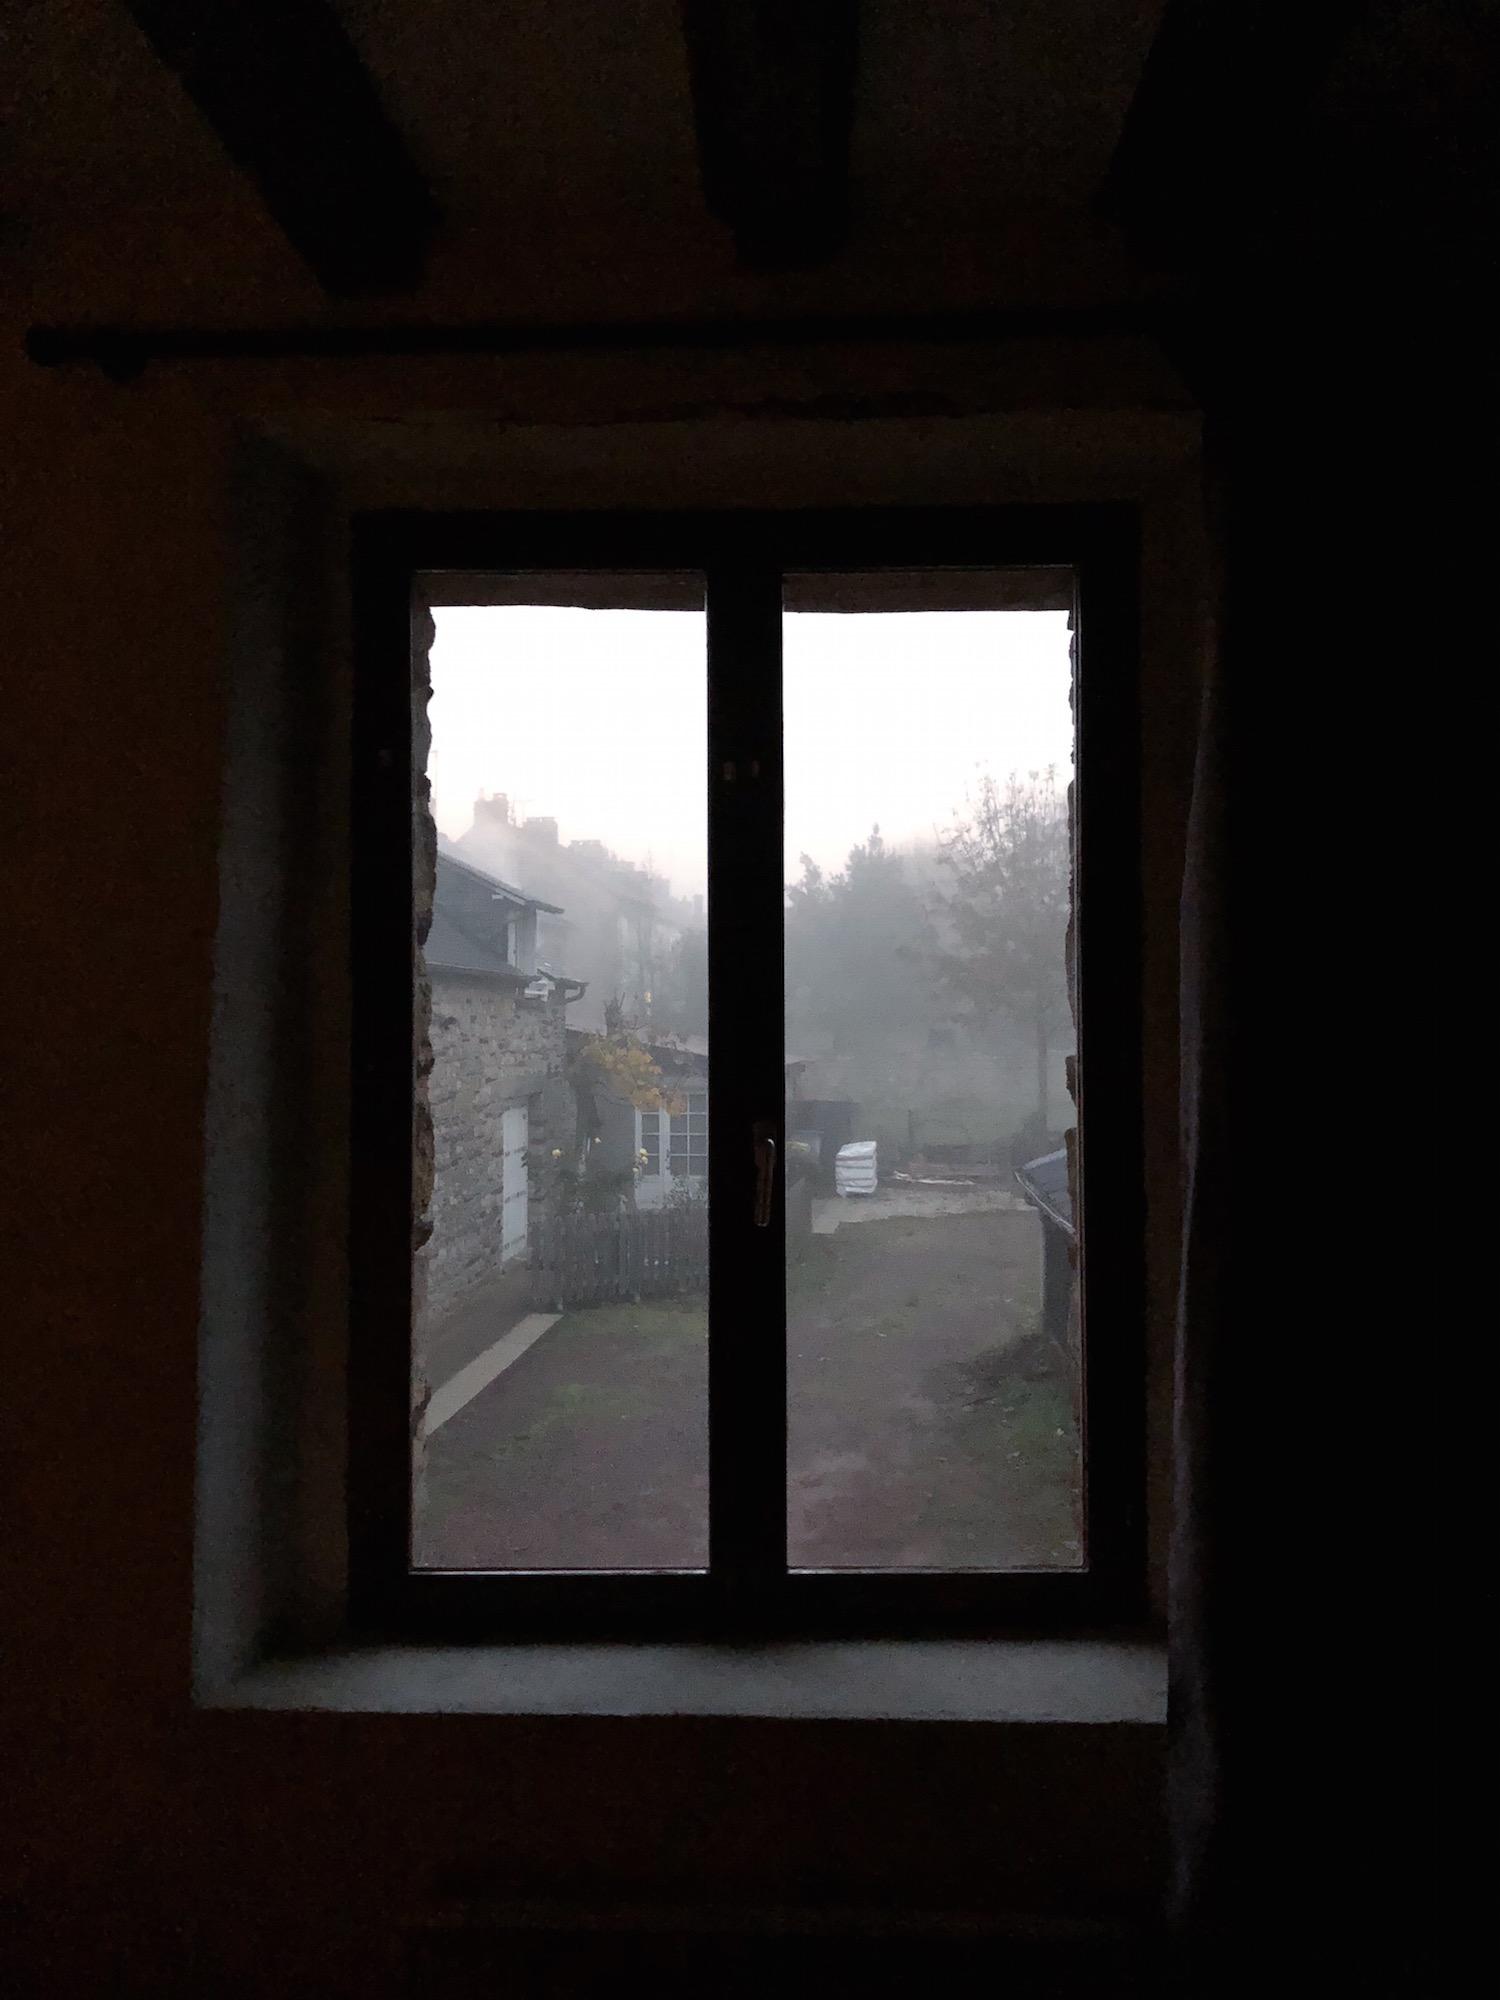 Photo 16-11-18, 7 49 12 am.jpg